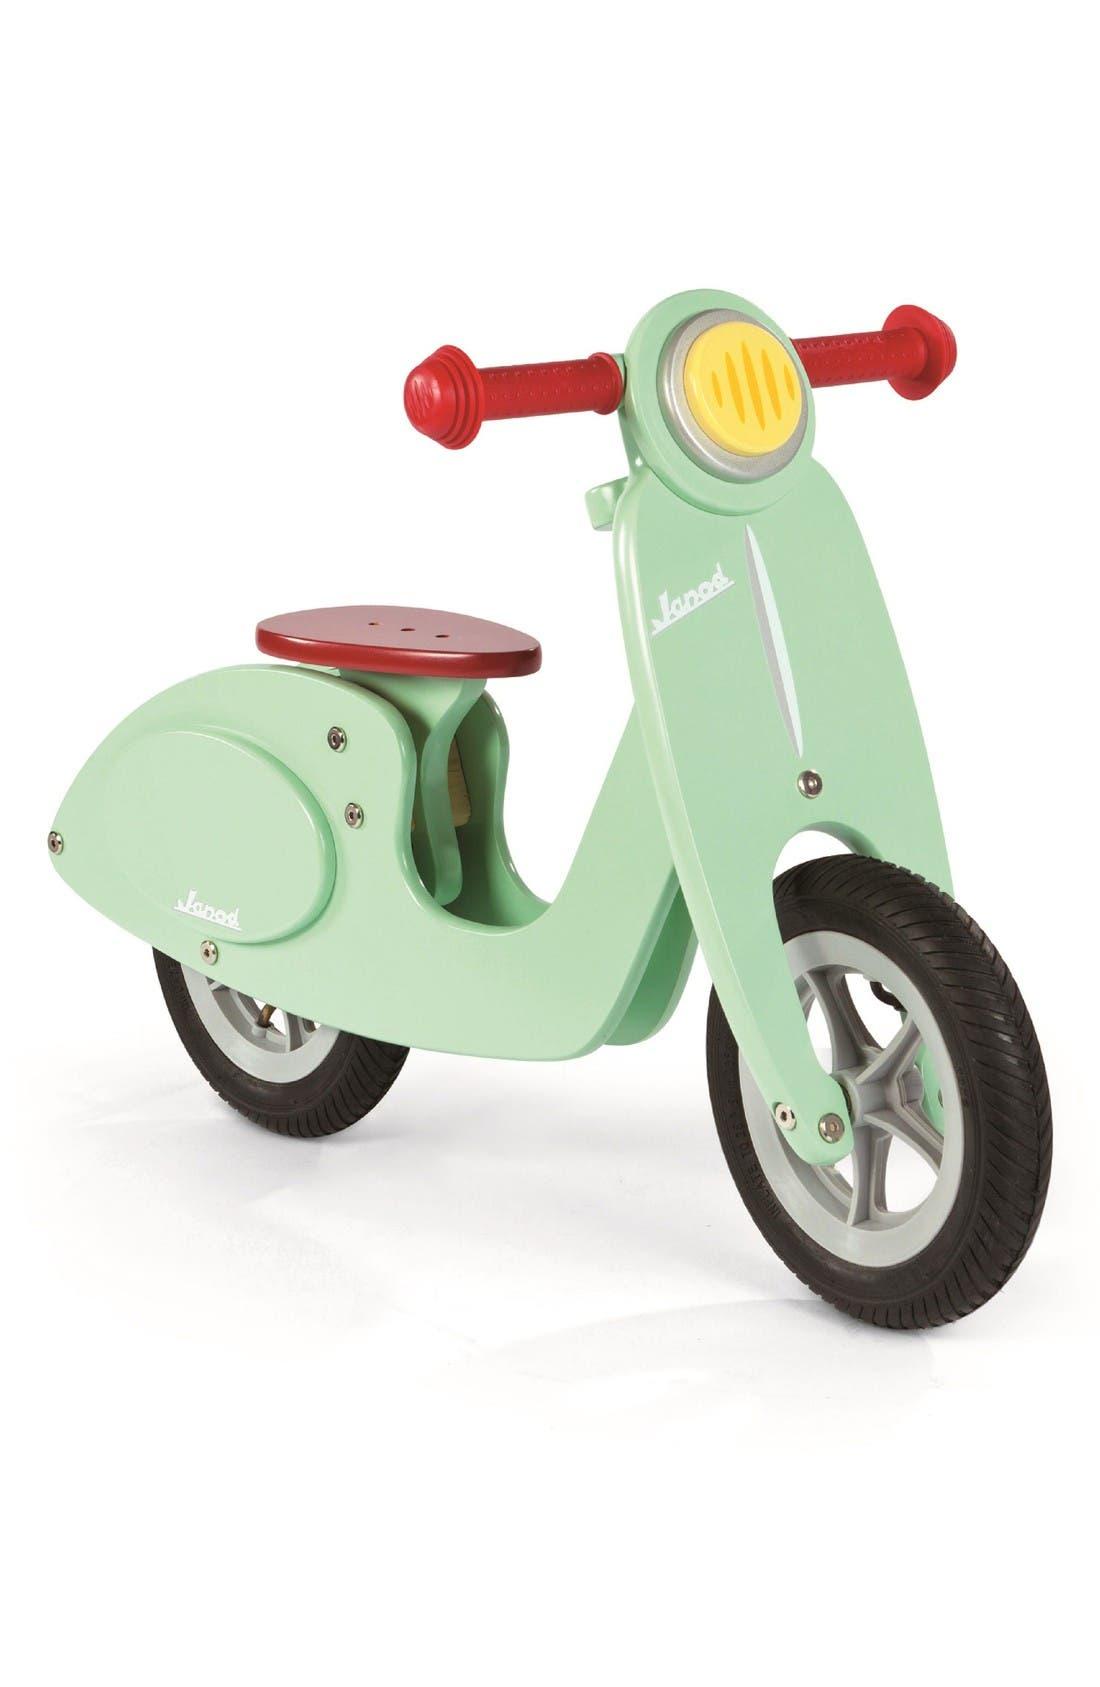 Janod Mint Balance Scooter Bike